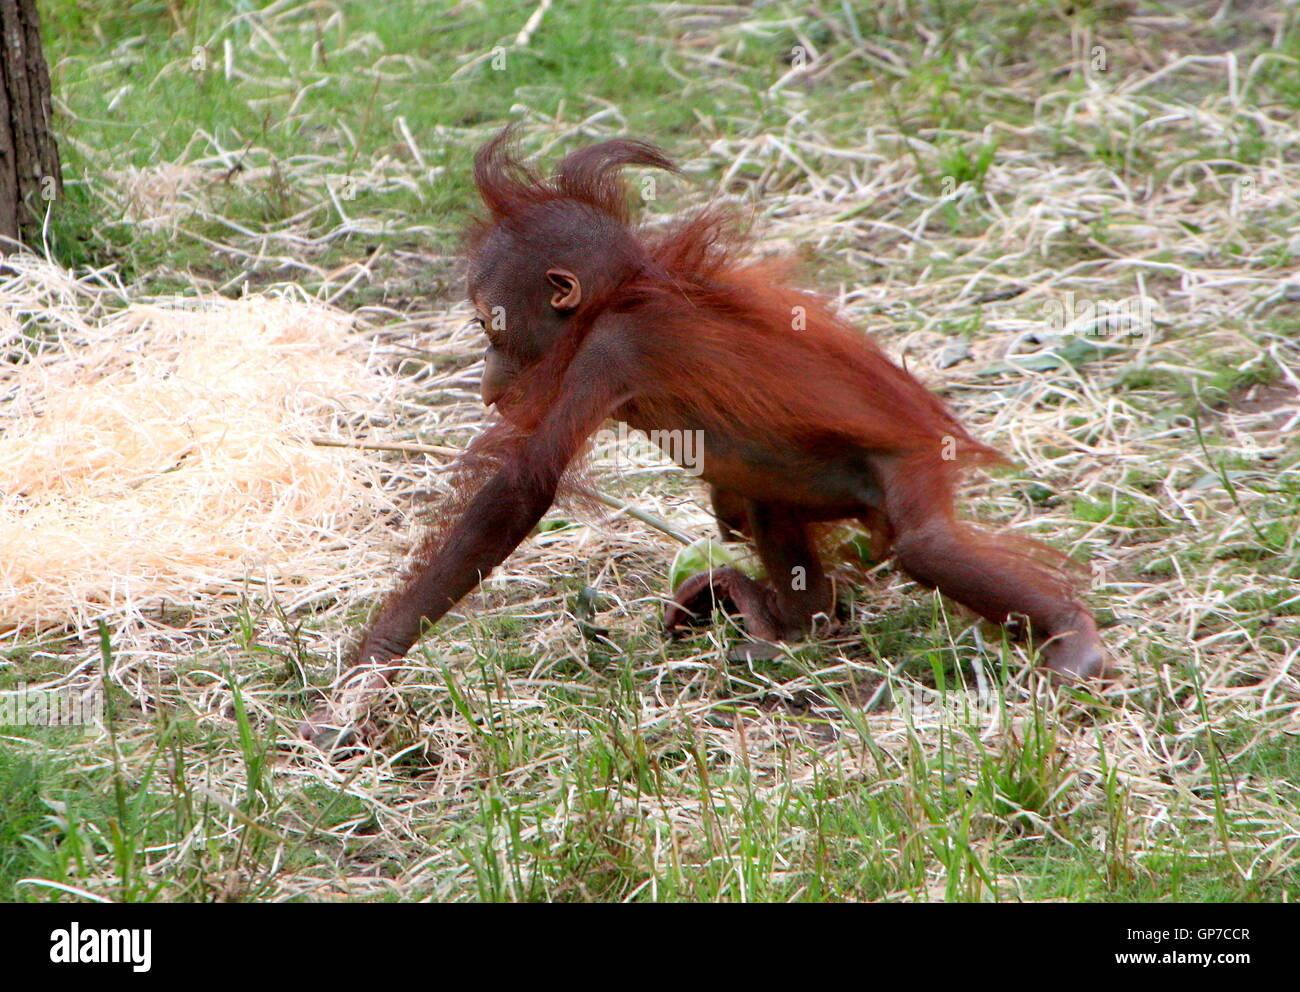 Sechs Monate altes Baby Bornean Orang-Utans (Pongo Pygmaeus) tun ein wenig erkunden Stockfoto